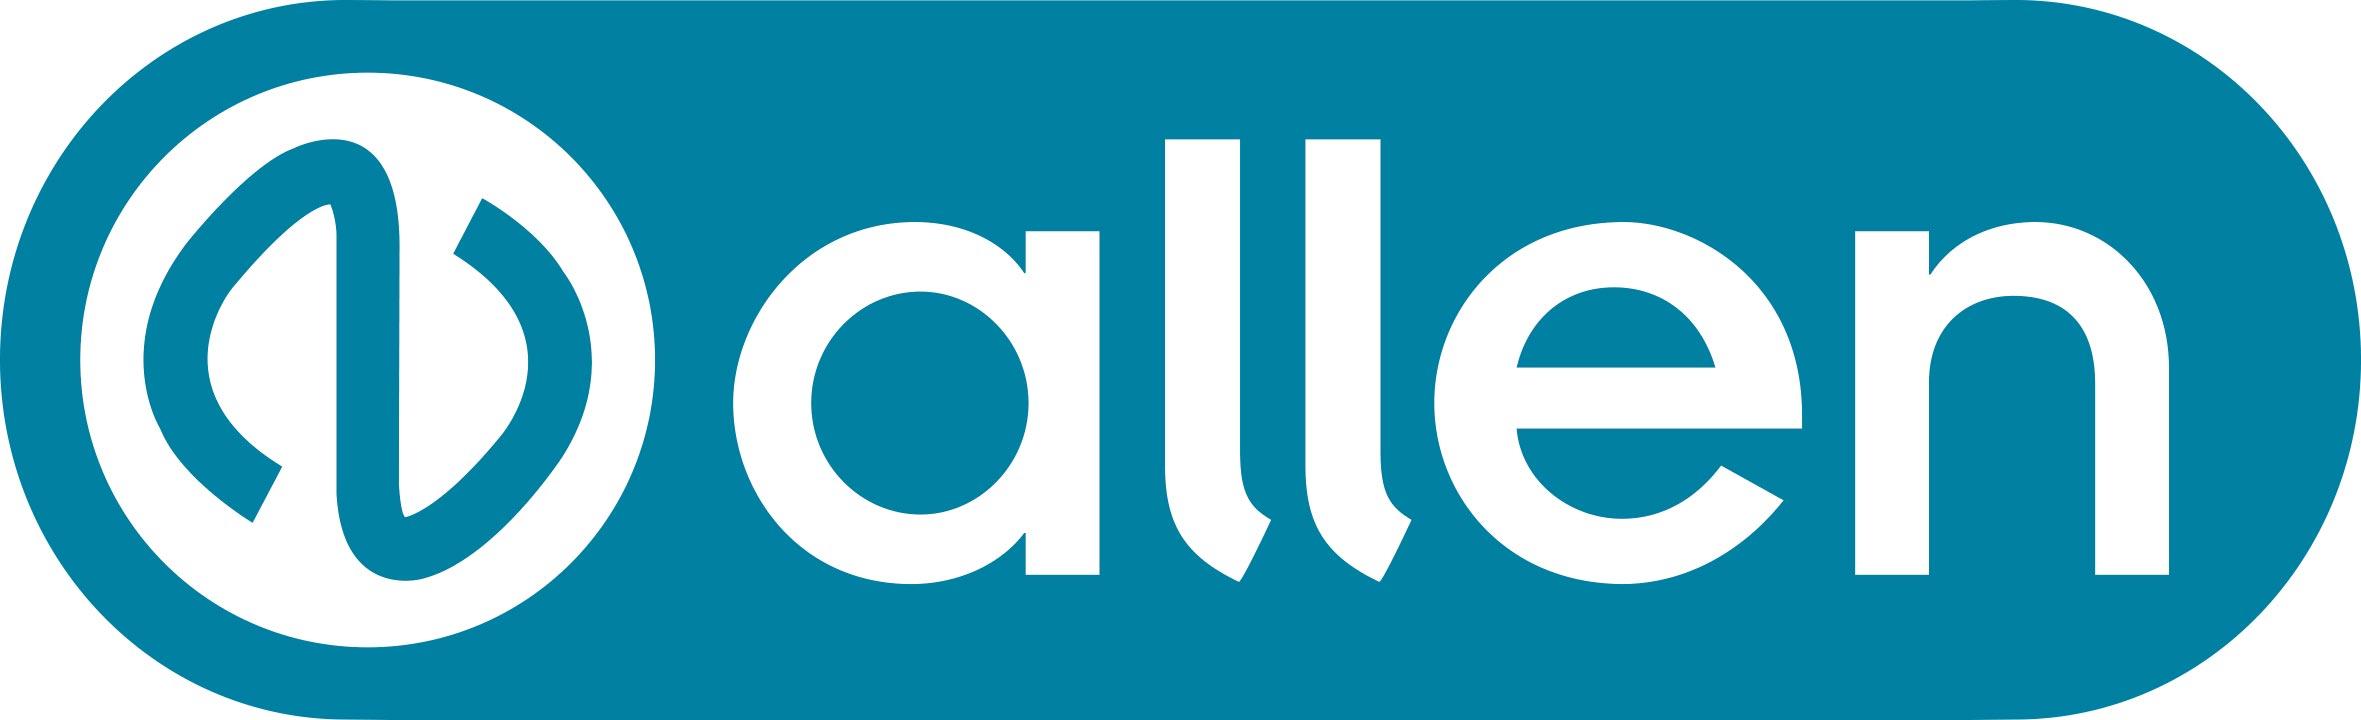 New Allen Lozenge logo.jpg